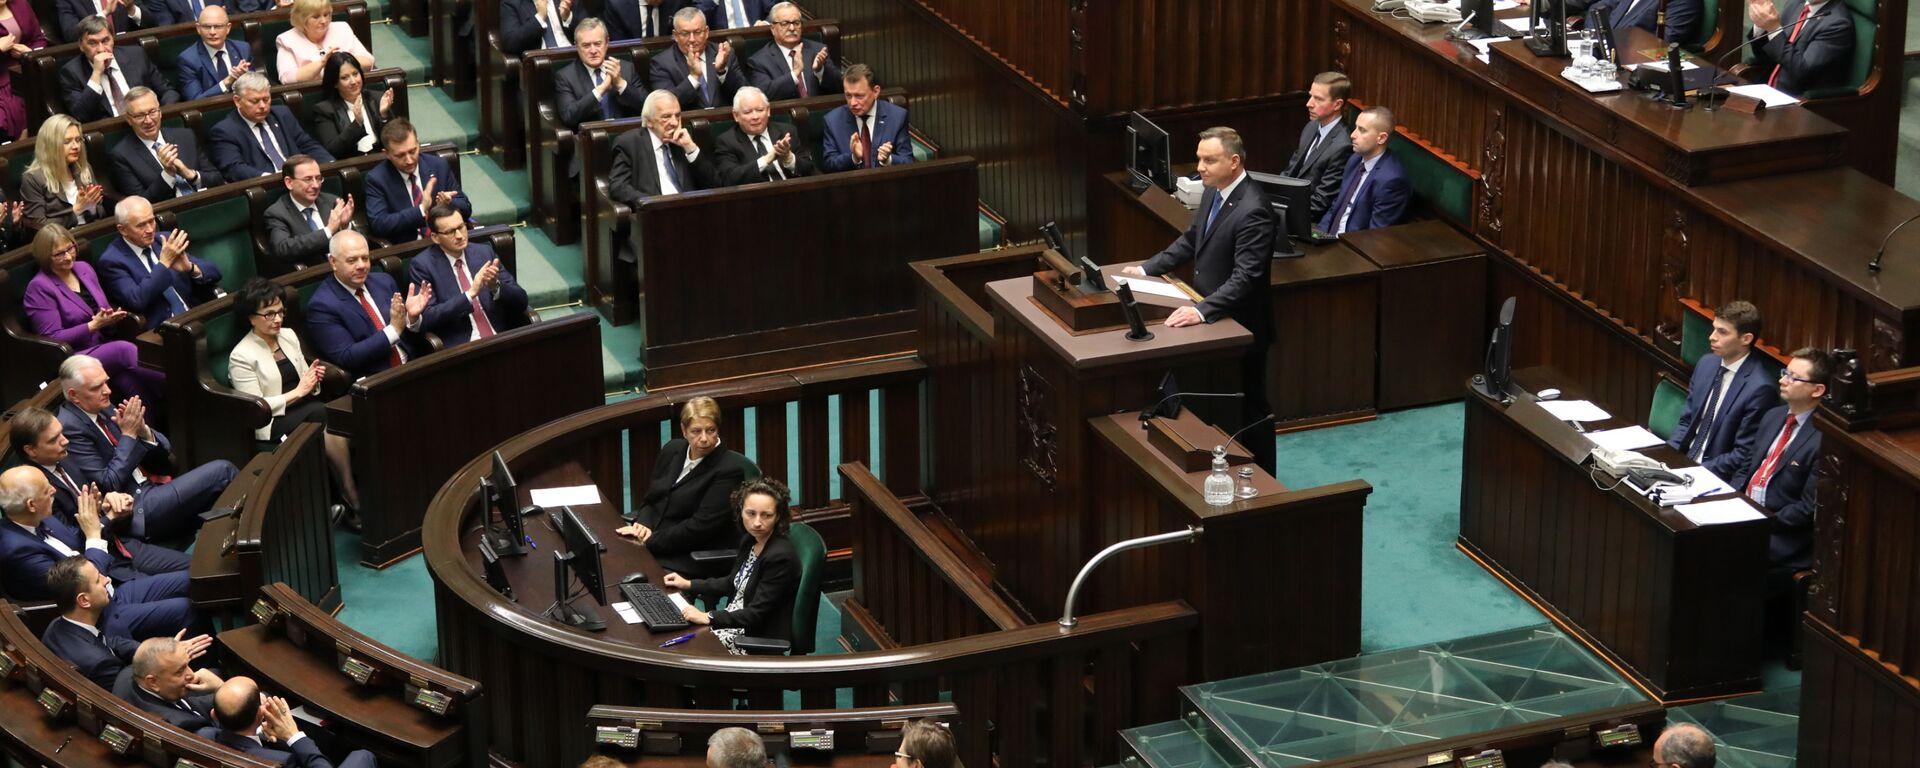 Otwarcie Sejmu RP IX kadencji - Sputnik Polska, 1920, 20.11.2019